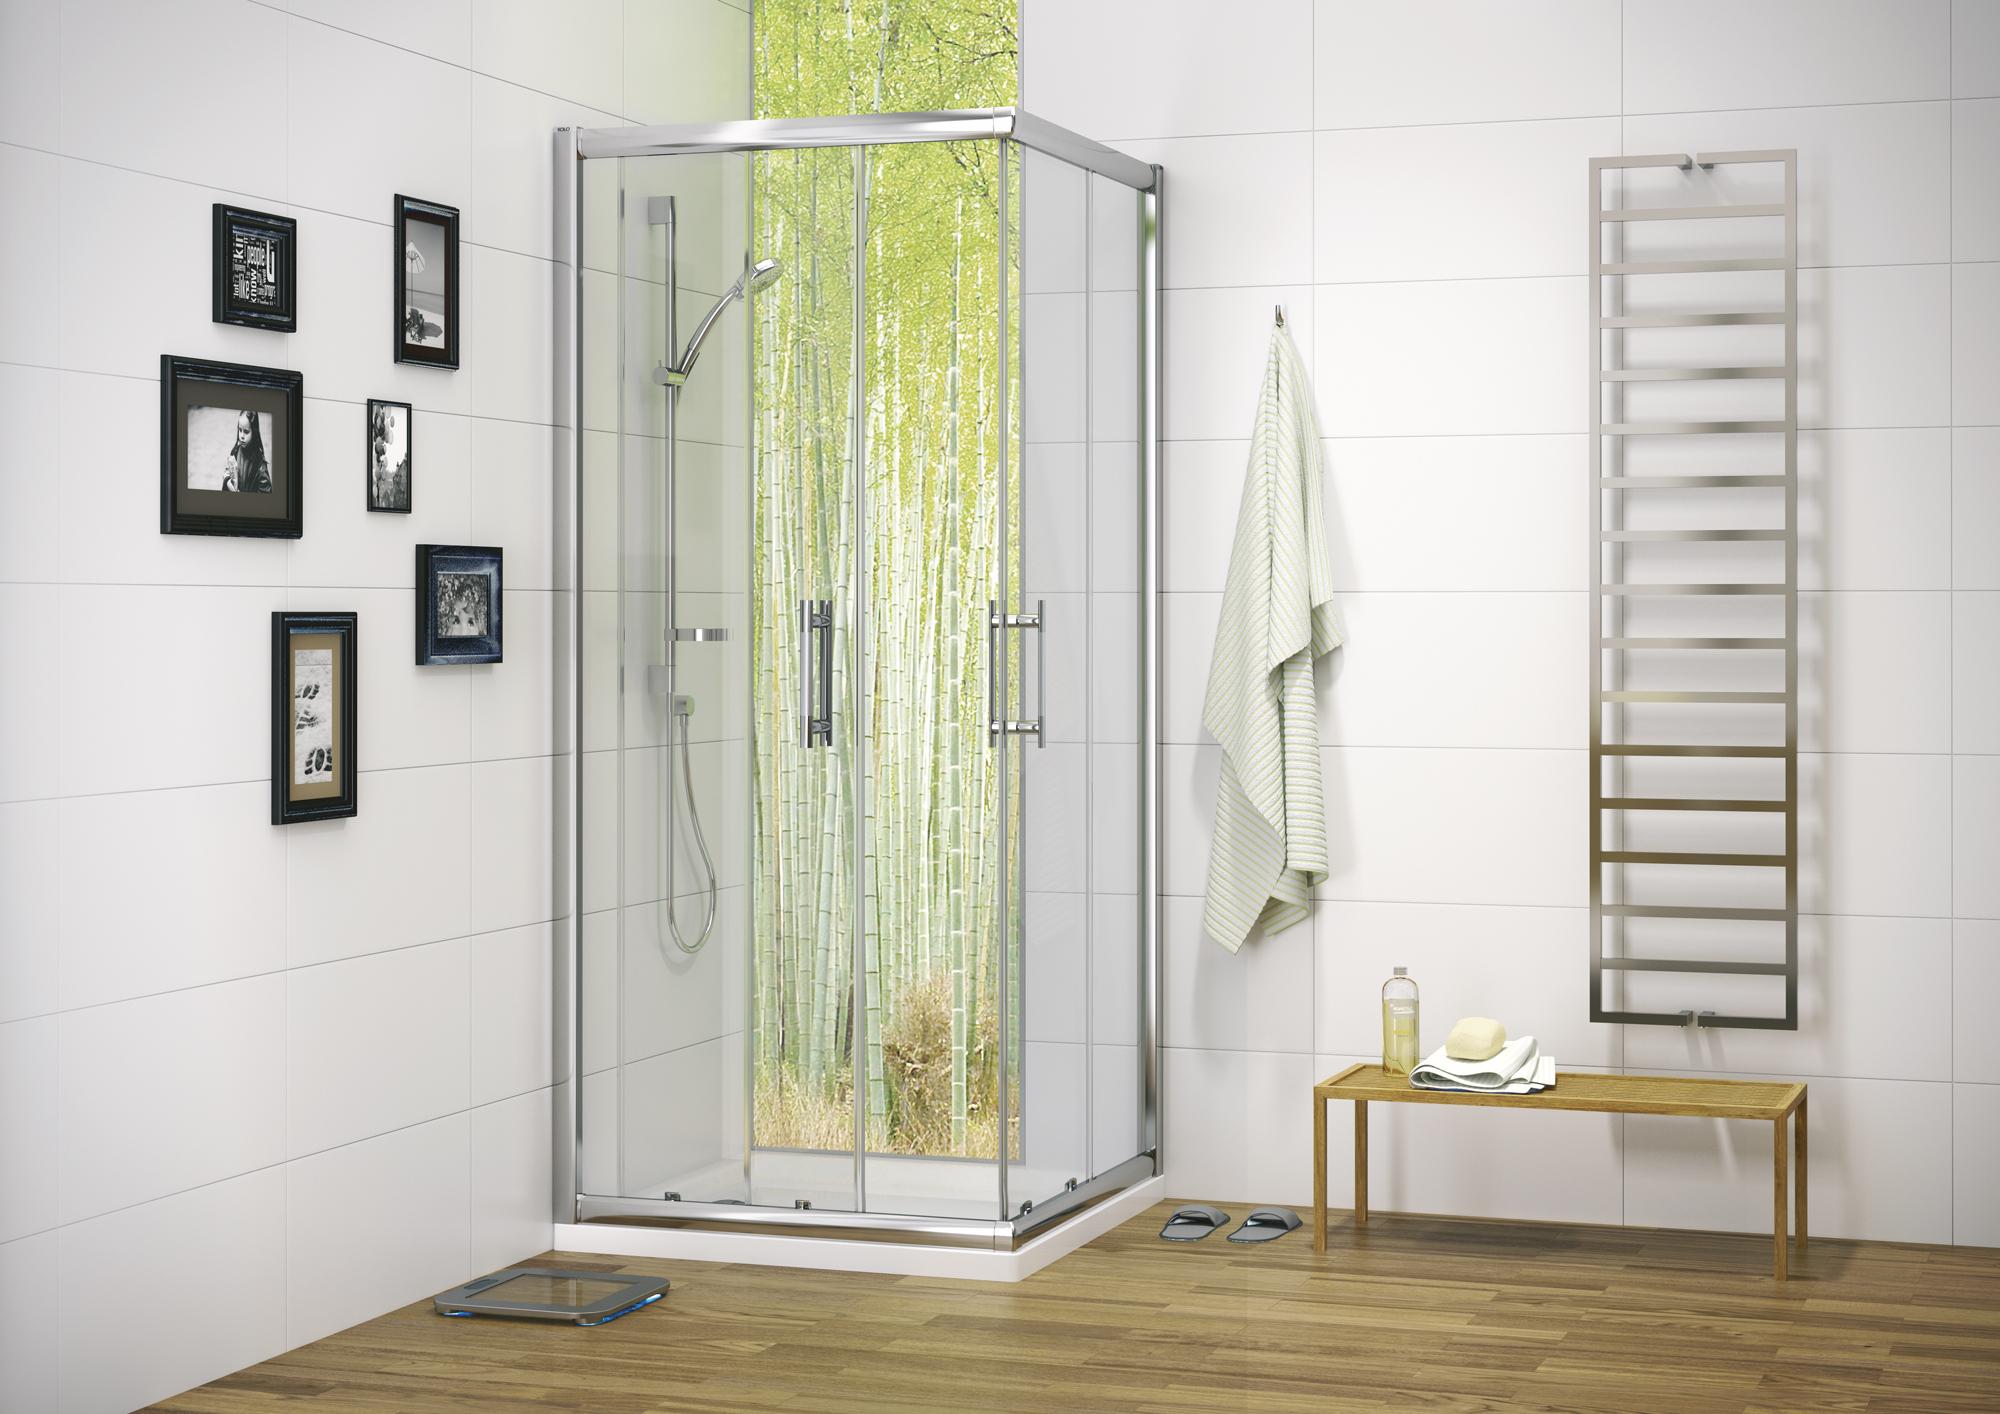 Render przedstawia wnętrze łazienki z kabiną prysznicową Koło Geo 6 Easy. Kabina znajduje się w lewym rogu łazienki, na krótszej ścianie po lewej wiszą czarno-białe fotografie w czarnych, grubych ramkach. Po prawej stronie na ścianie wisi ręcznik, na podłodze stoi mała ławeczka, a na ścianie znajduje się grzejnik. Podłoga jest wykonana z drewnianych paneli.